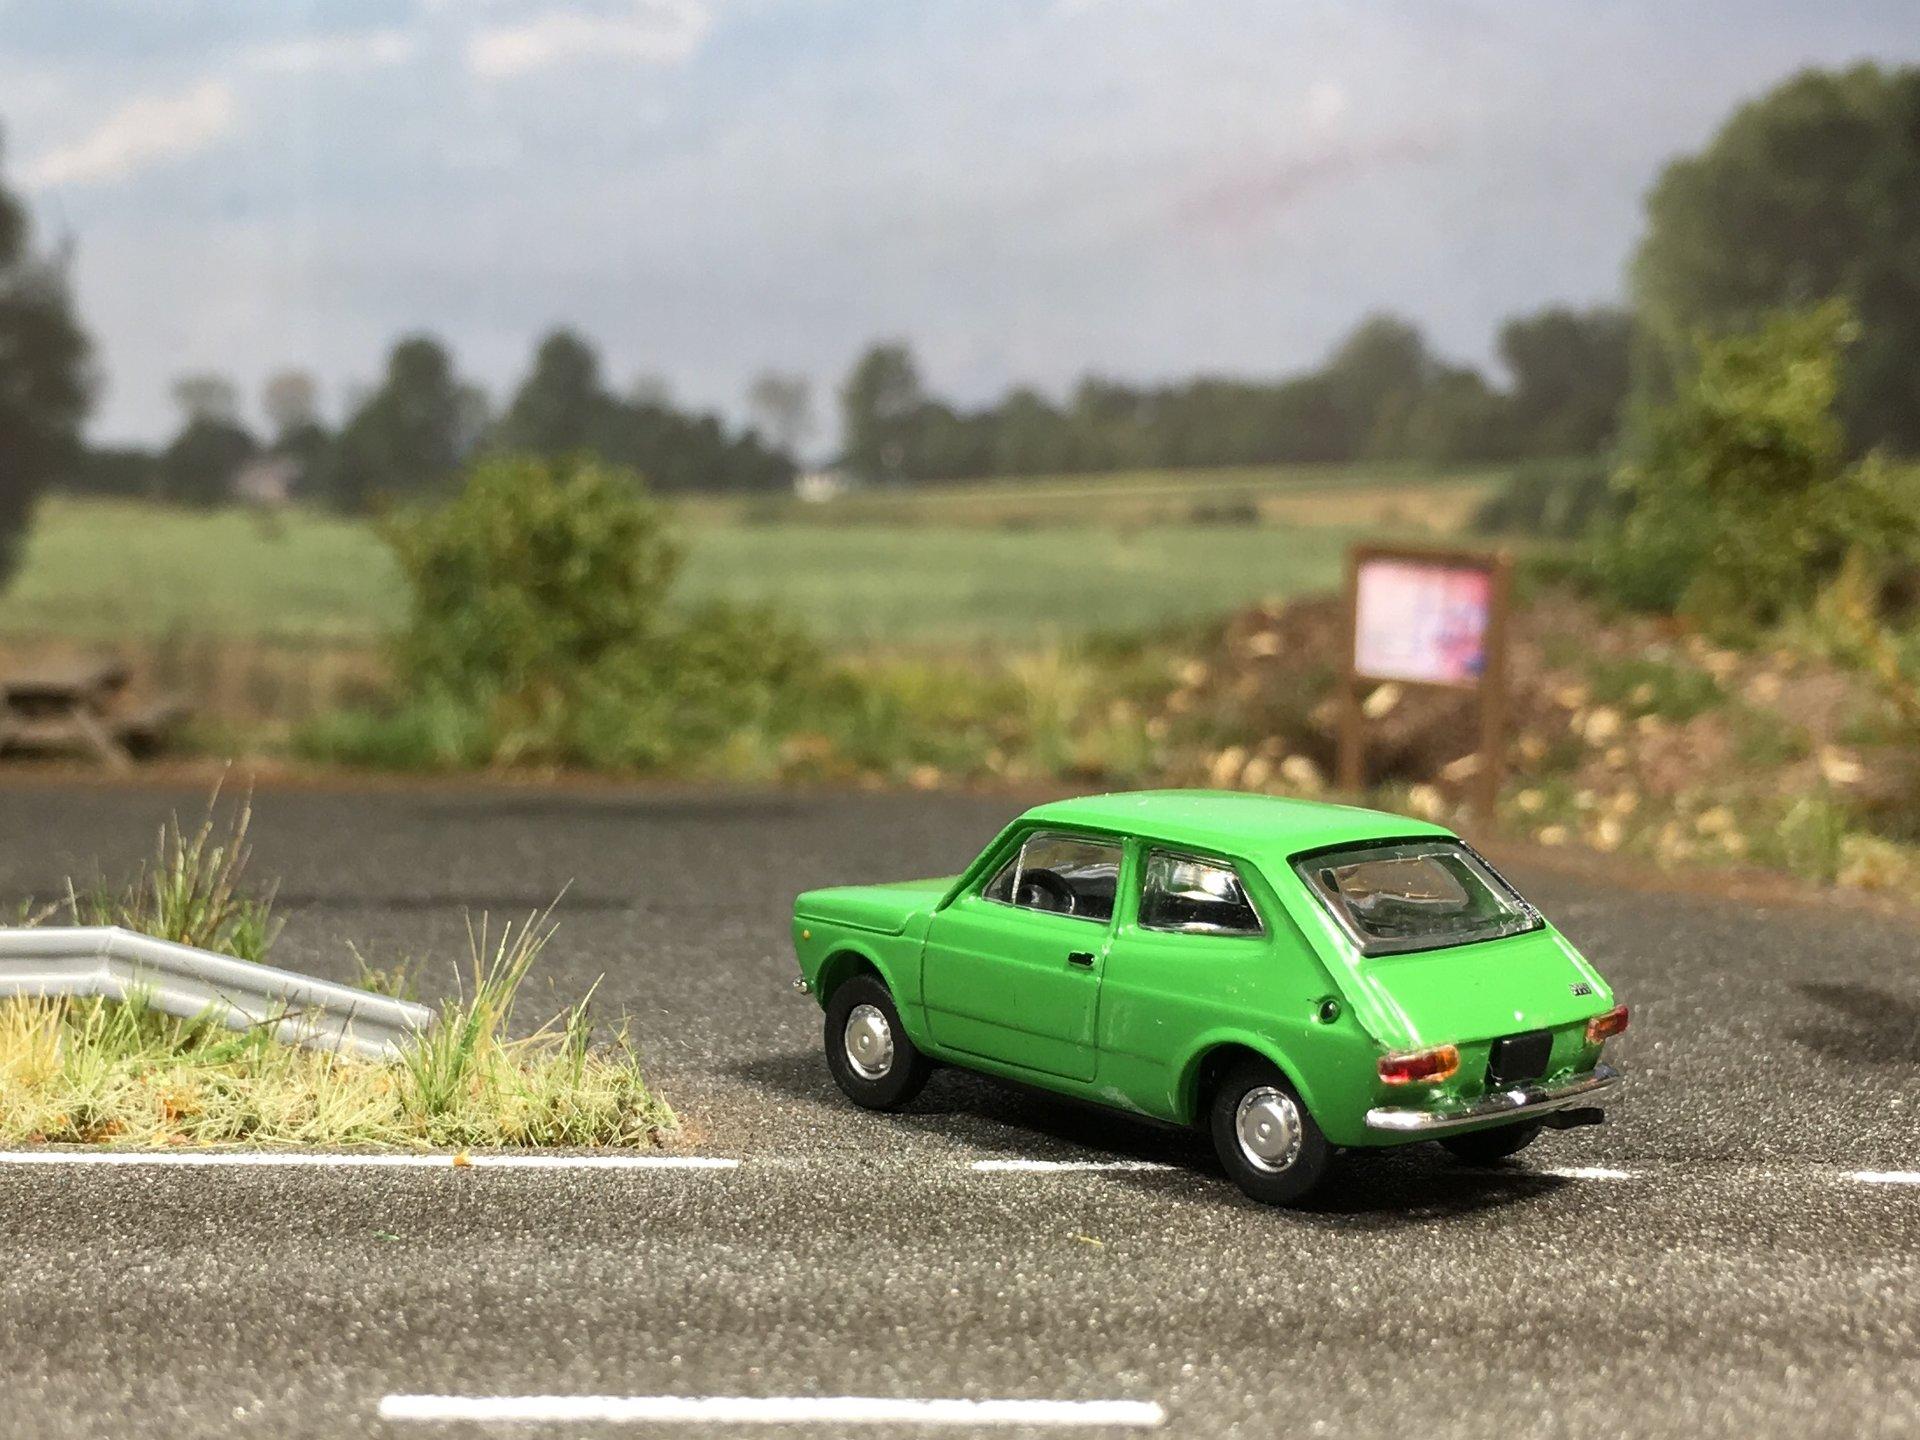 Fiat 127 zielony 003.jpg